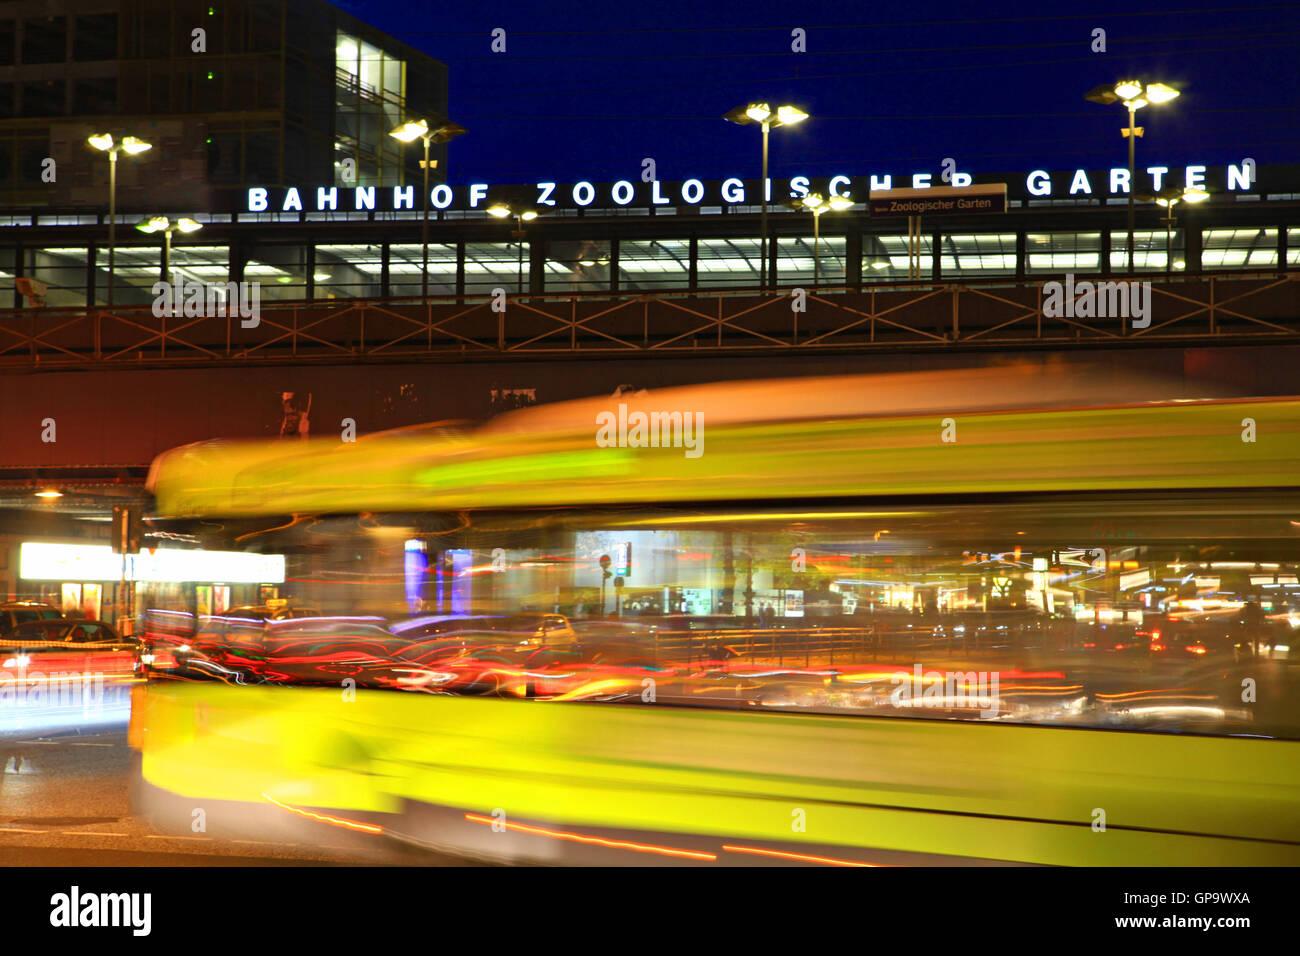 Image of Zoologischer Garten station in Berlin, Germany. - Stock Image